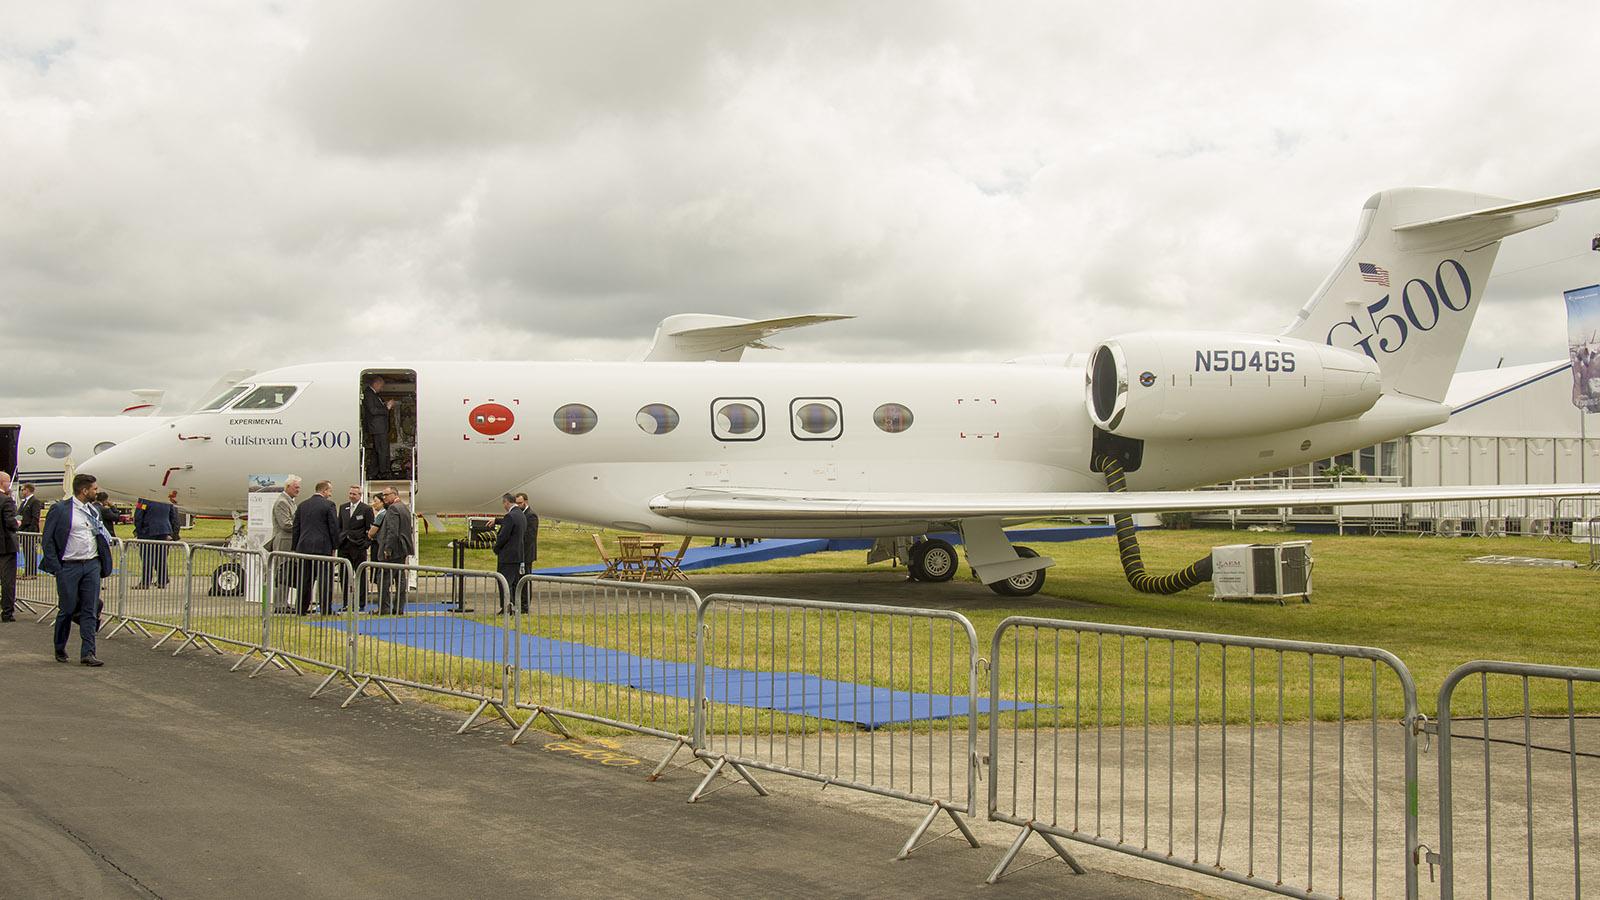 _IMG5496 Gulfstream G500 N504GS Gulfstream s